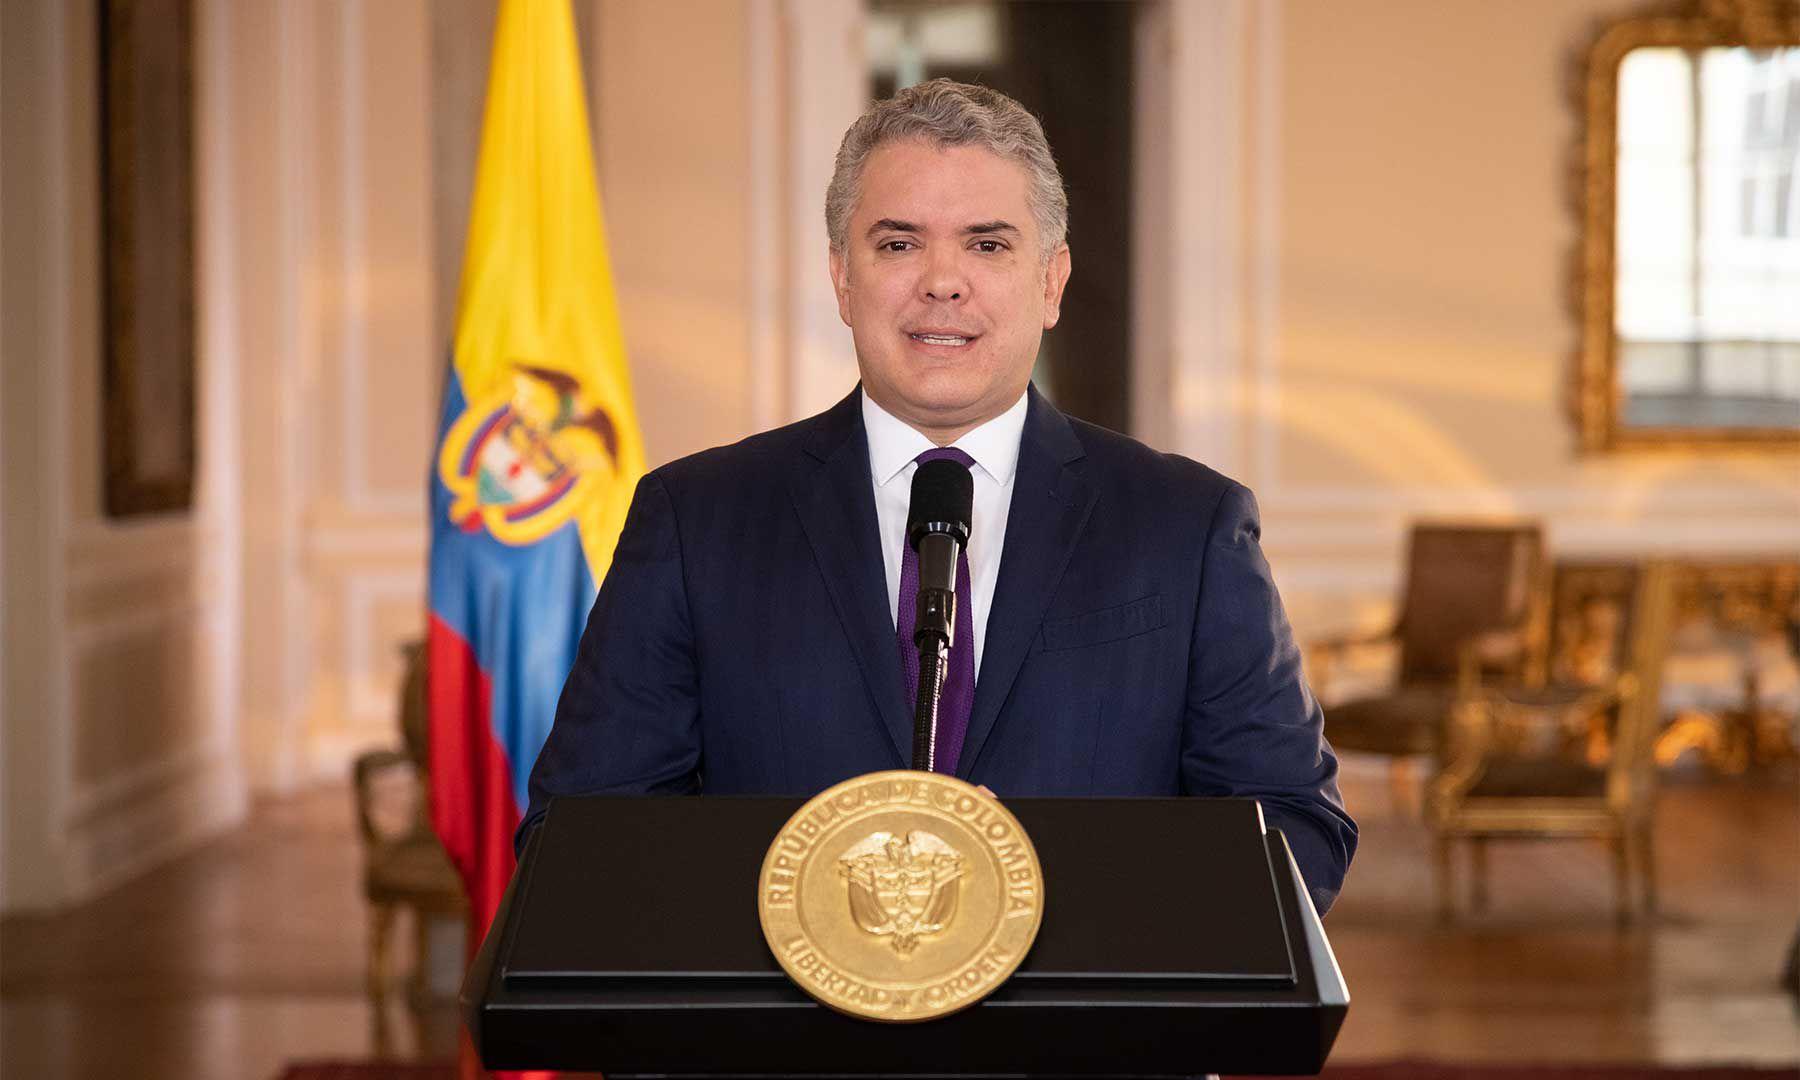 El presidente Iván Duque se pronunció con ocasión del Día del Trabajo. Foto Efraín Herrera, Presidencia de la República.